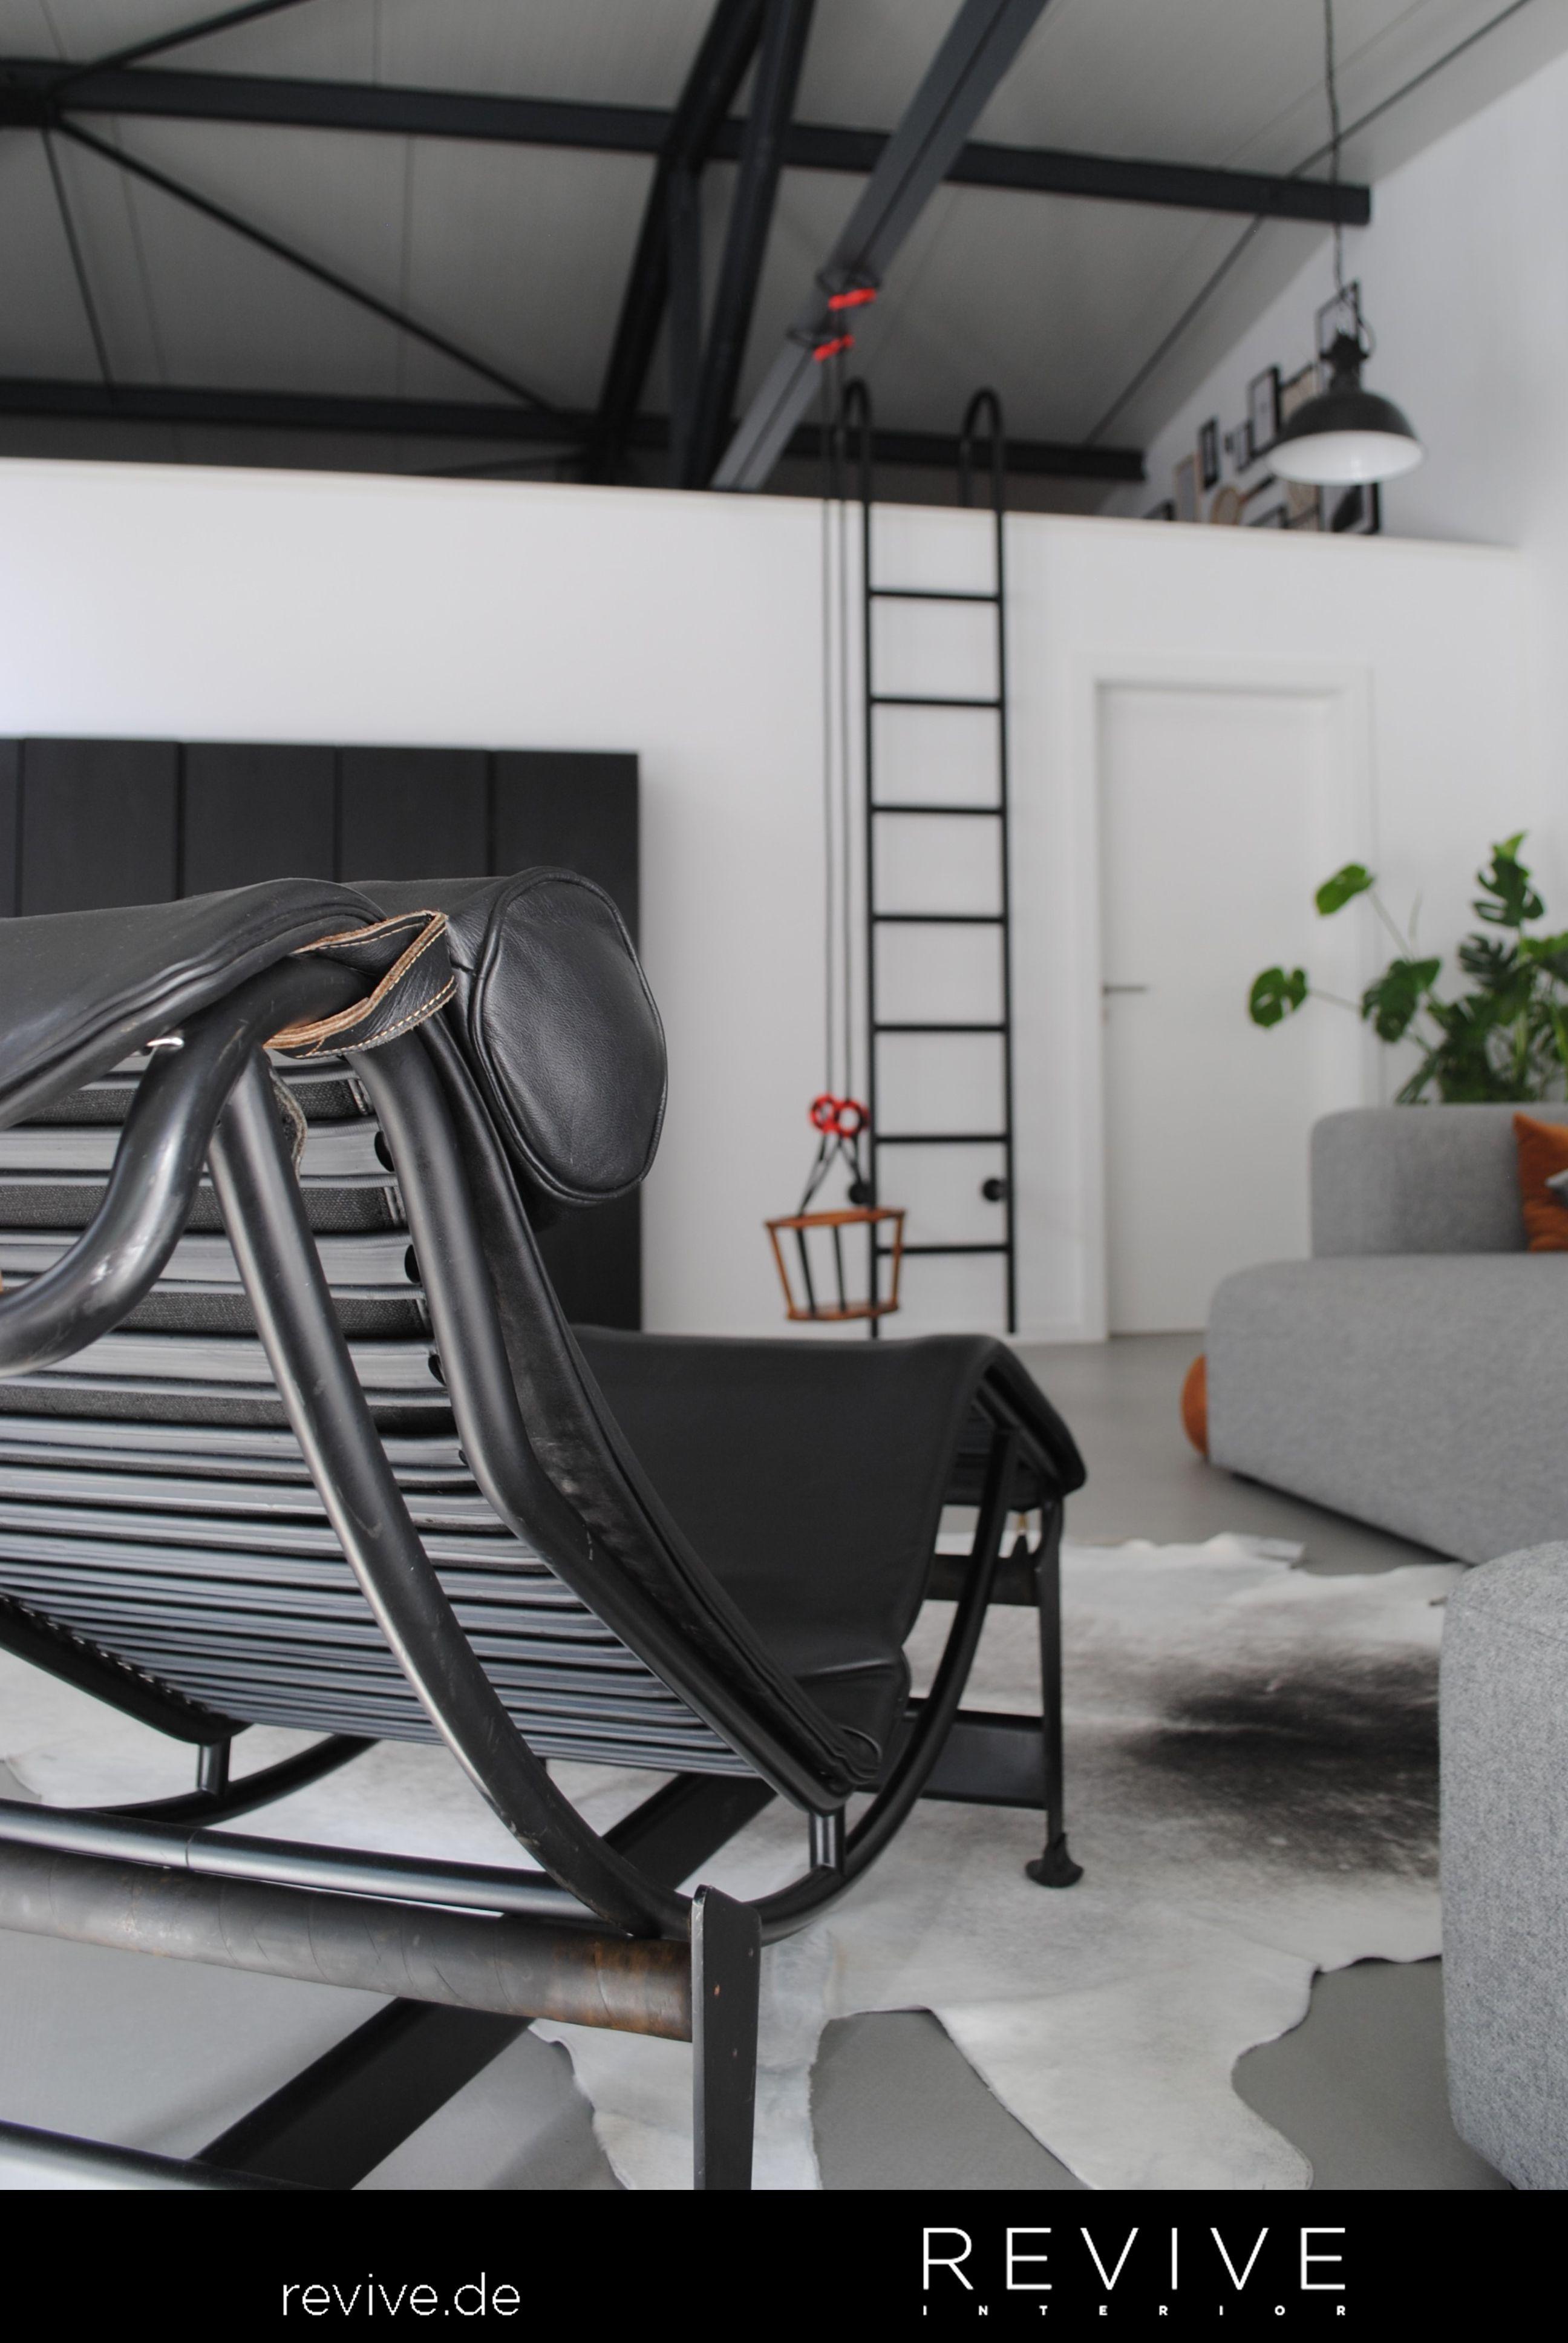 Revive Interior Bietet Ein Einzigartiges Konzept Von Nachhaltigem